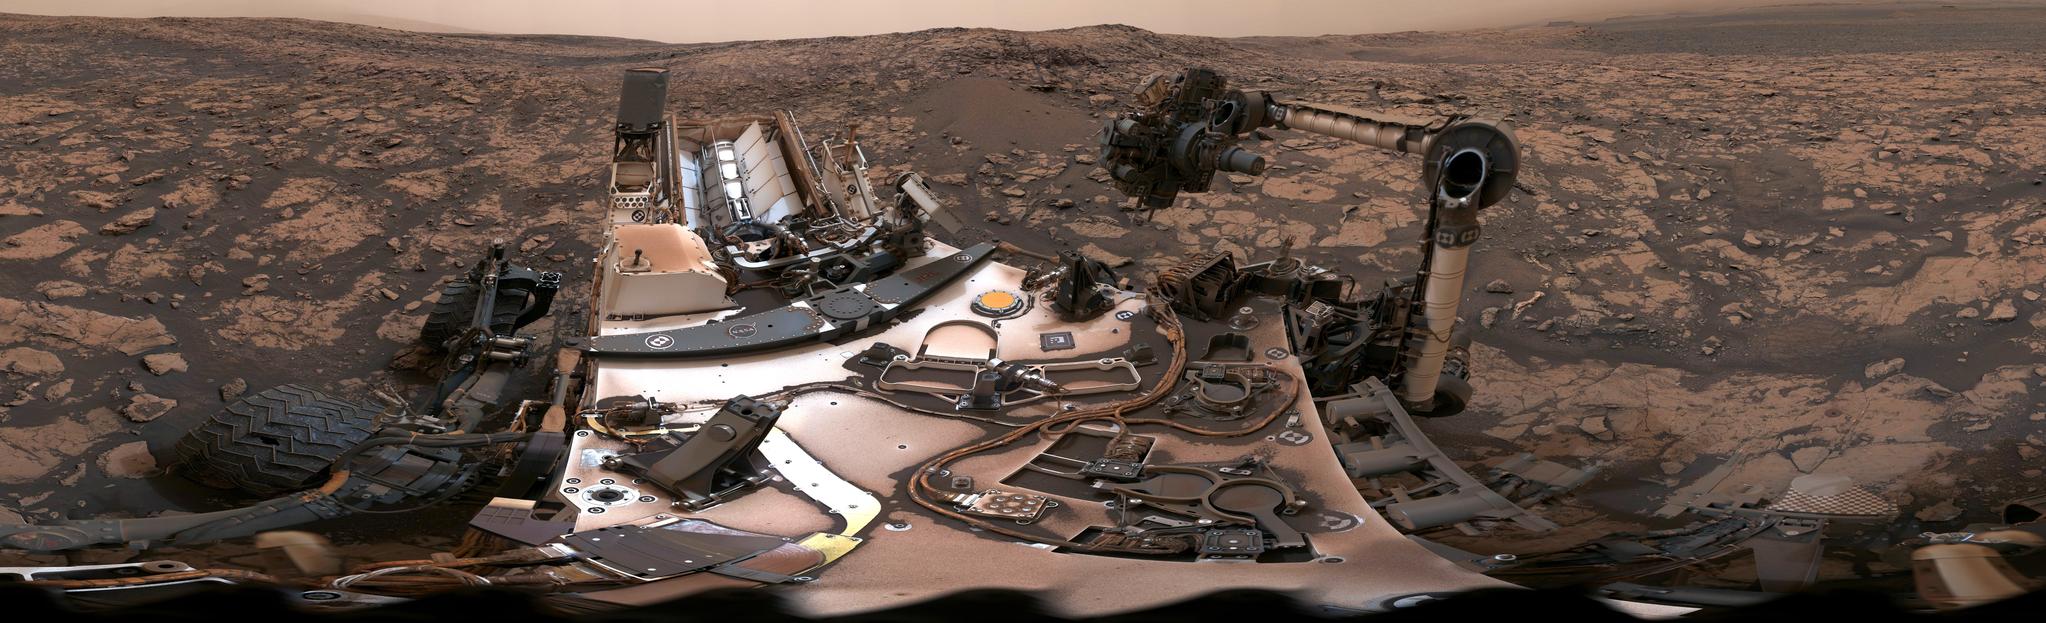 지난 8월 탐사선 큐리오시티의 마스트 카메라로 촬영한 화성의 모습. 지난 2012년 화성에 착륙한 핵추진 탐사선(Rover) 큐리오시티는 화성의 기후,지질 등을 조사하고 있다.[사진 NASA]